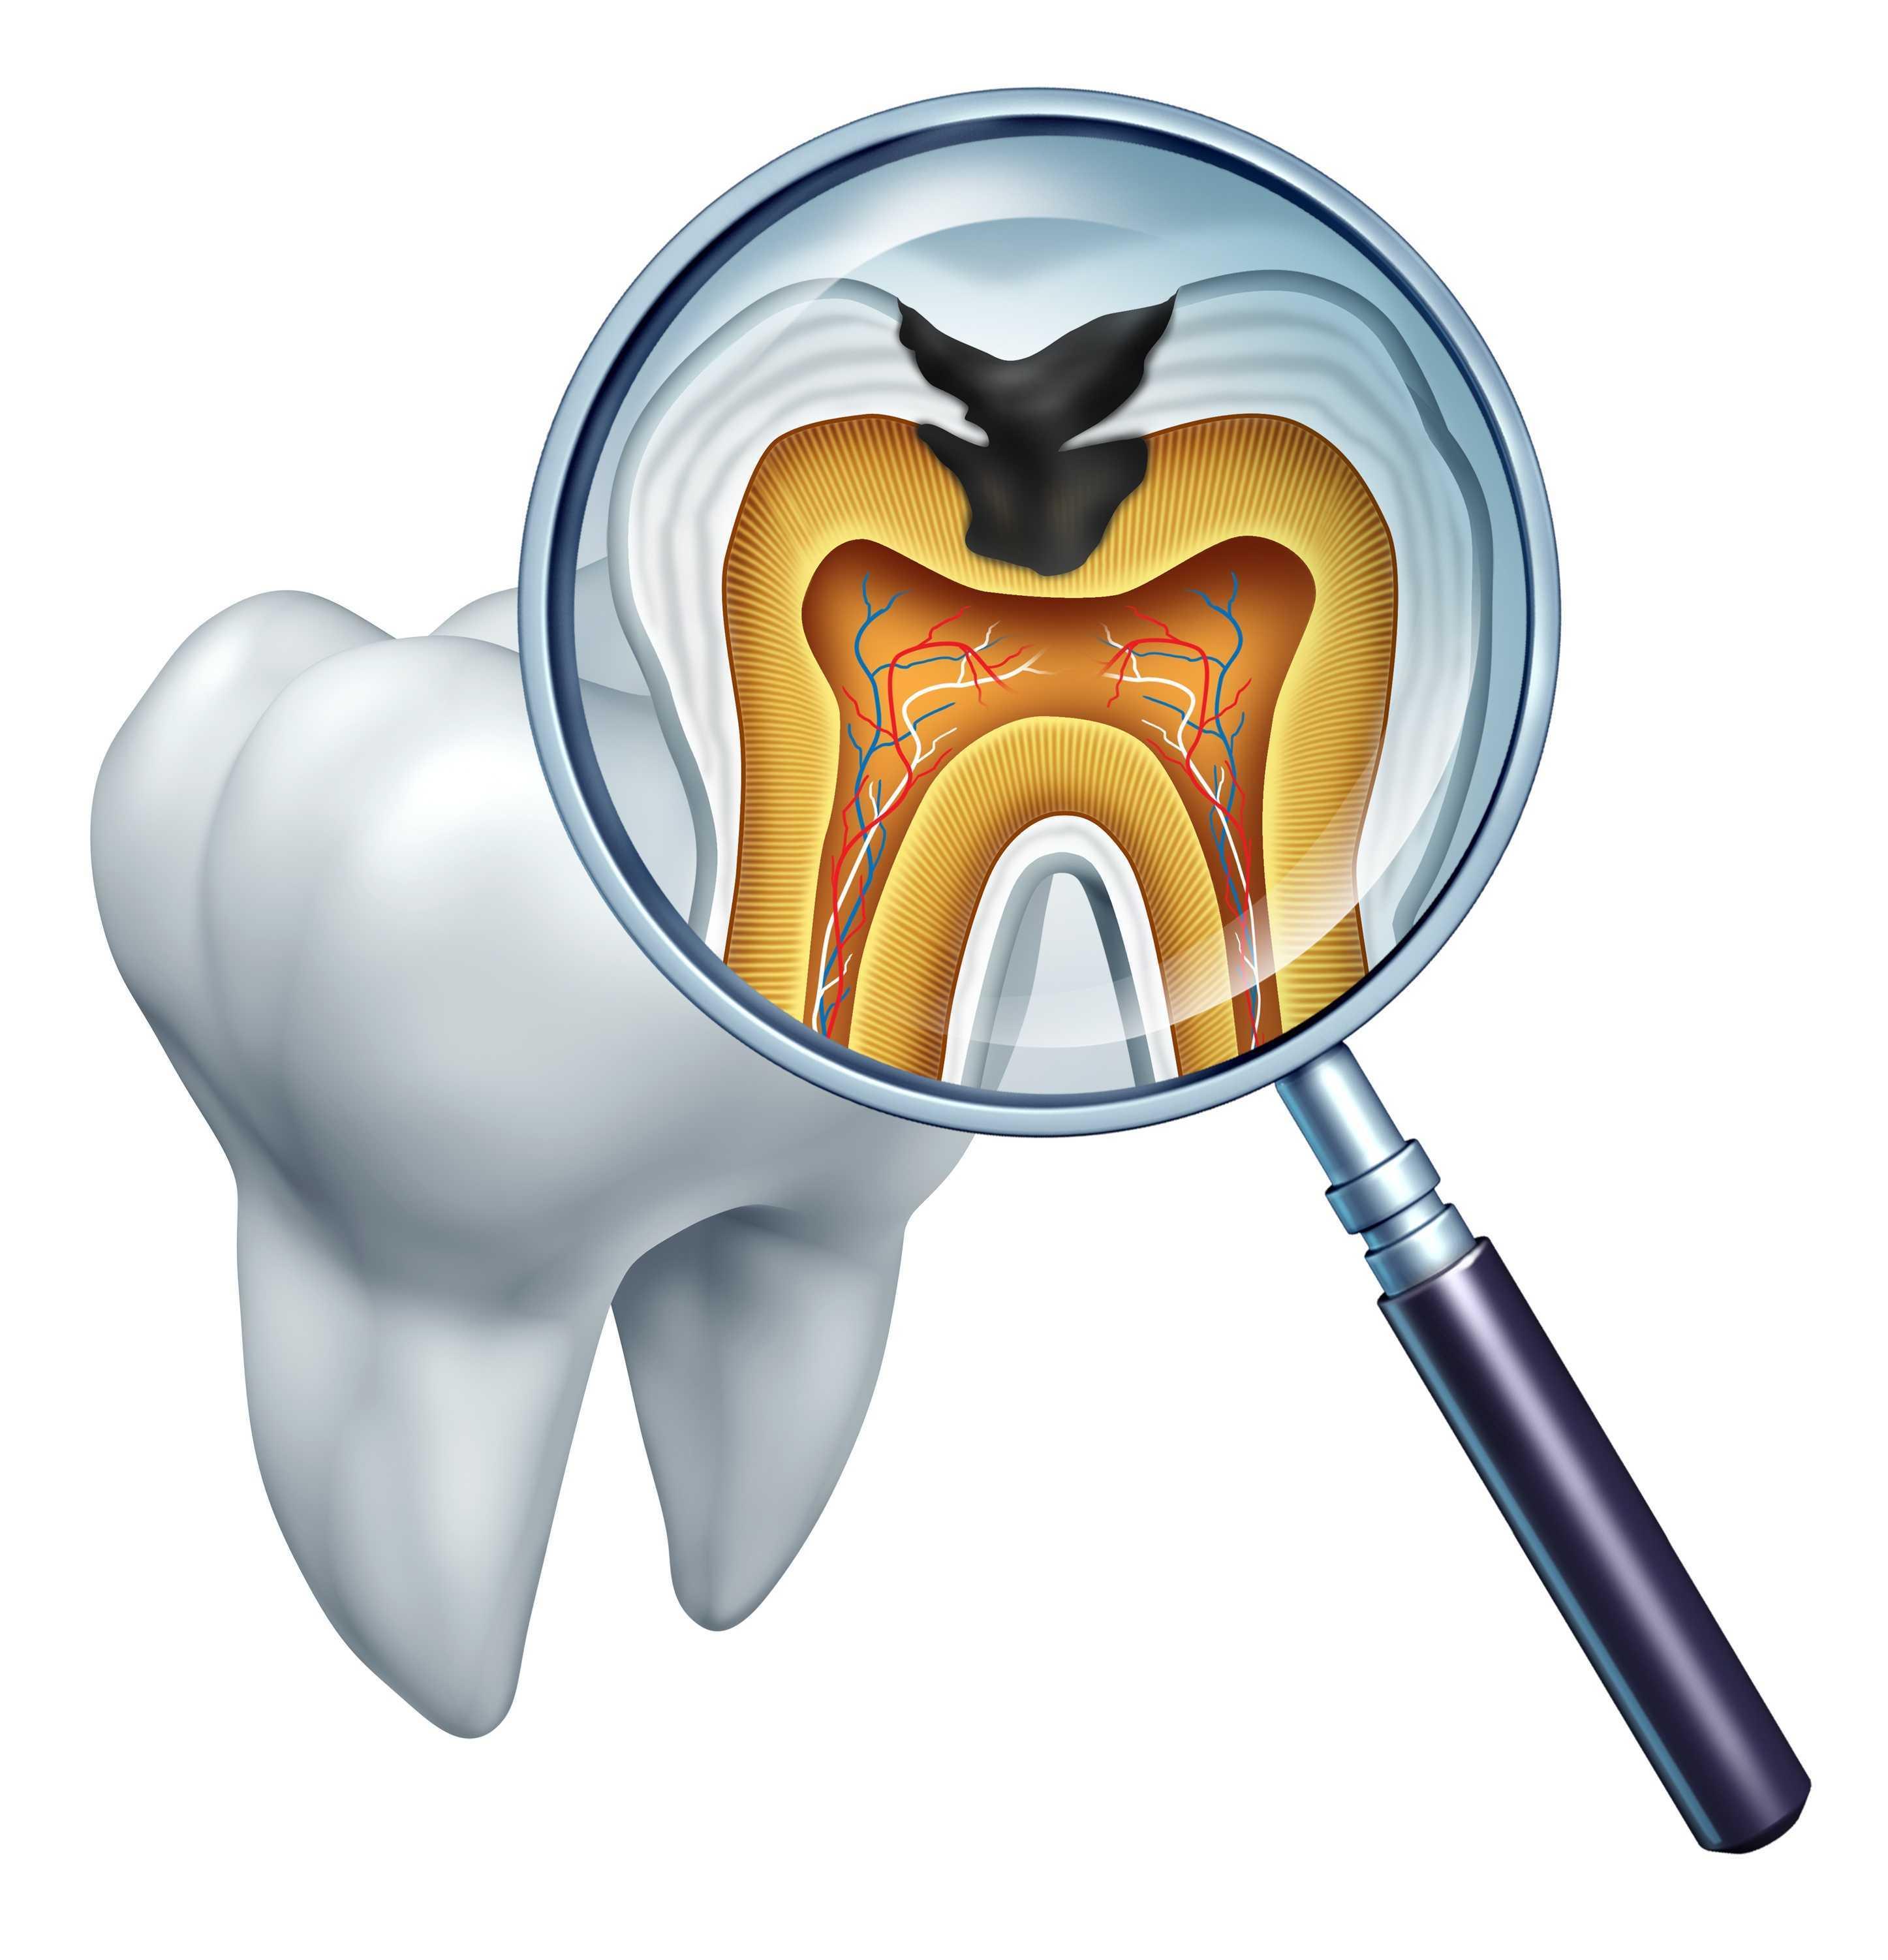 缓解治疗牙齿疼痛的特效穴位  牙疼穴位图解大全